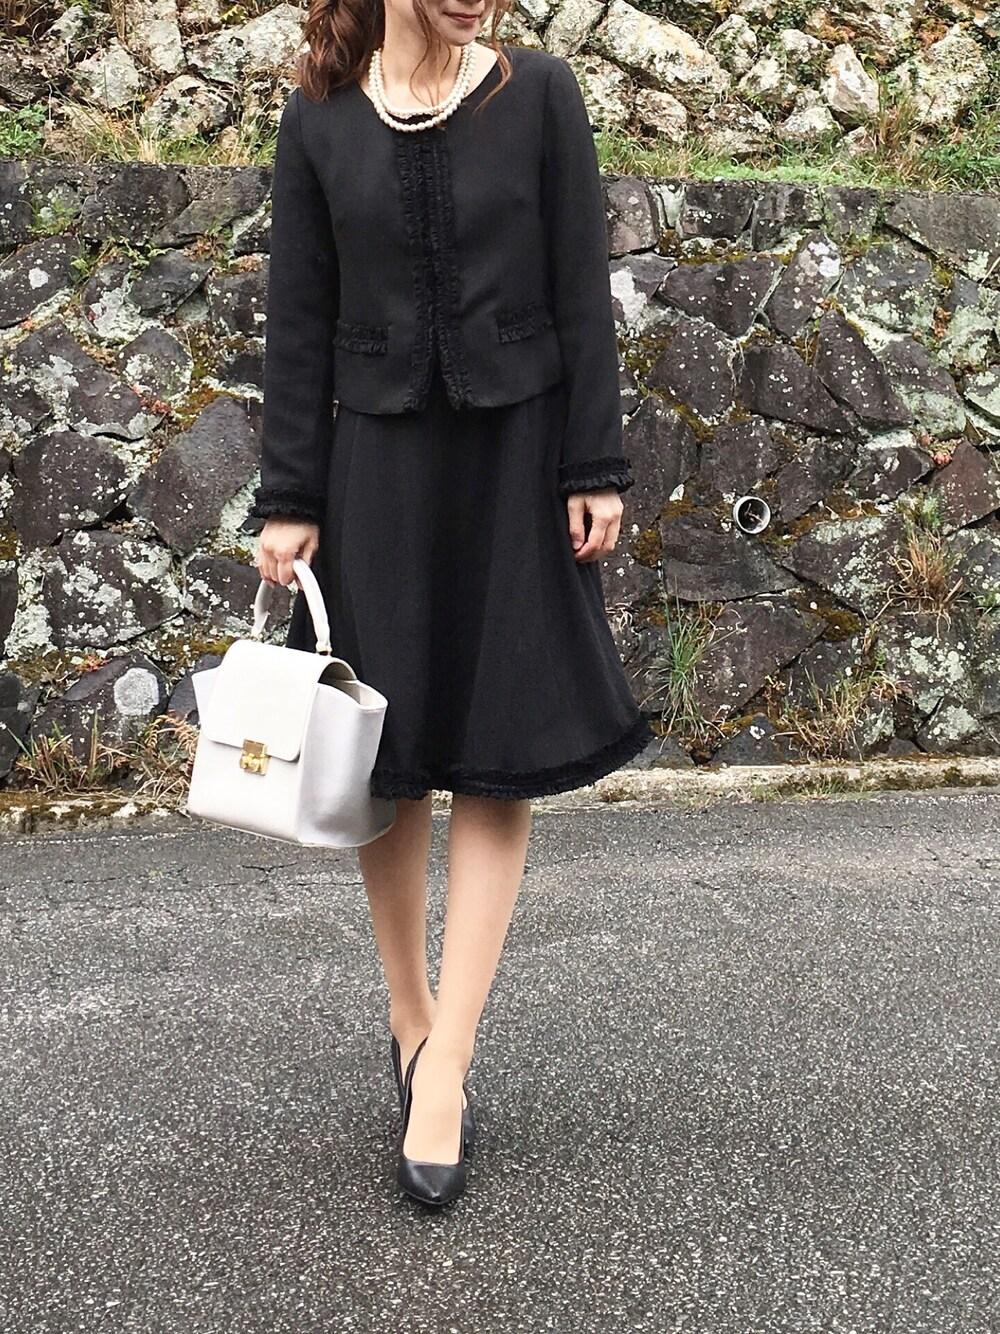 終了式 40代ママにおすすめ黒スーツ